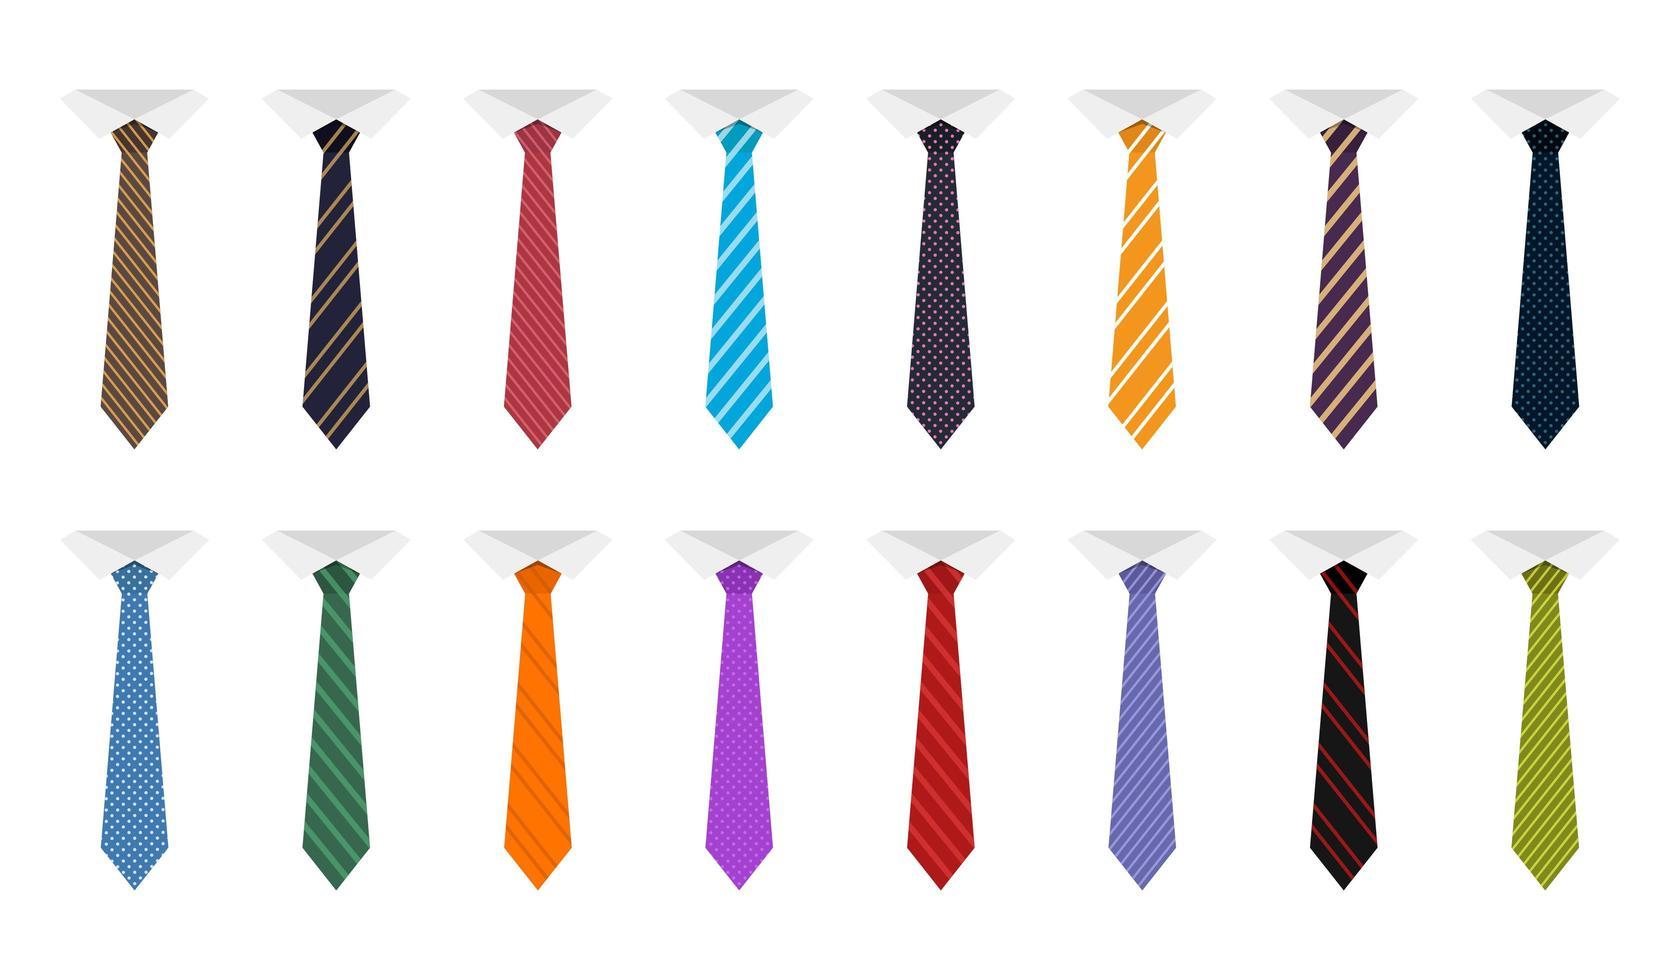 Krawattenvektor-Designillustration lokalisiert auf weißem Hintergrund vektor